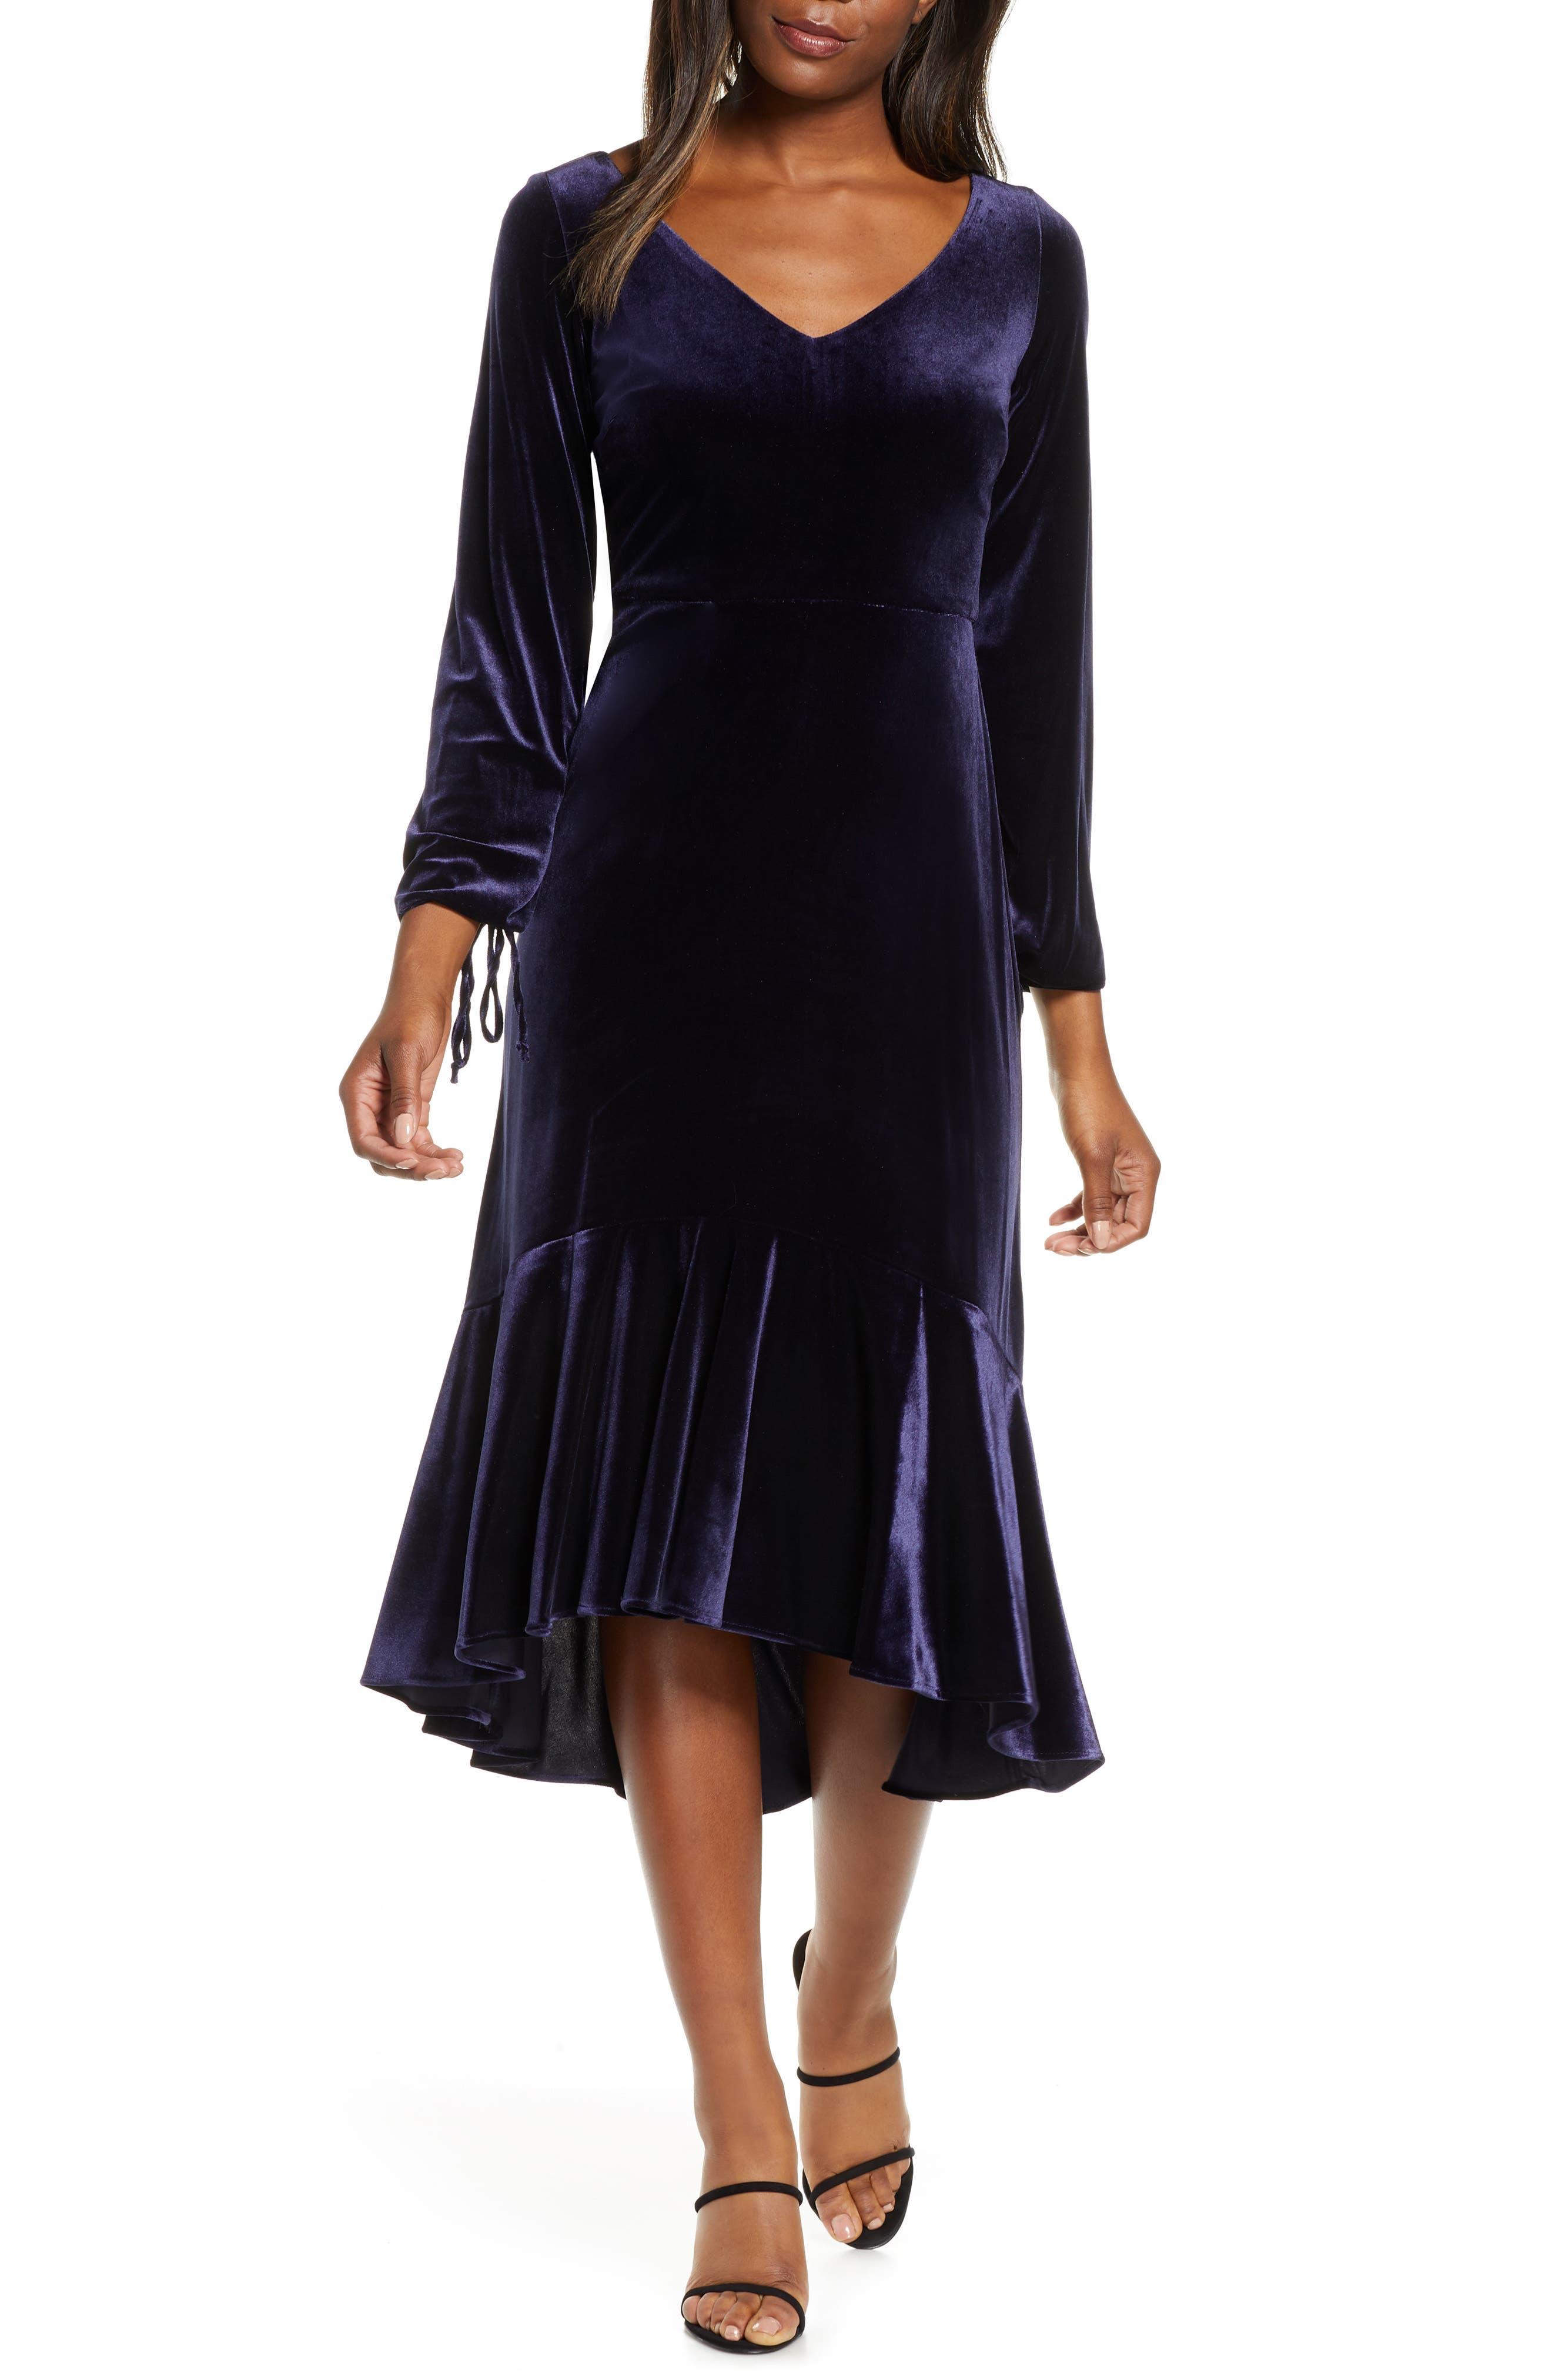 Charleston Dress: Fringe Flapper Dress Womens Taylor Dresses Long Sleeve Velvet Midi Dress $99.00 AT vintagedancer.com